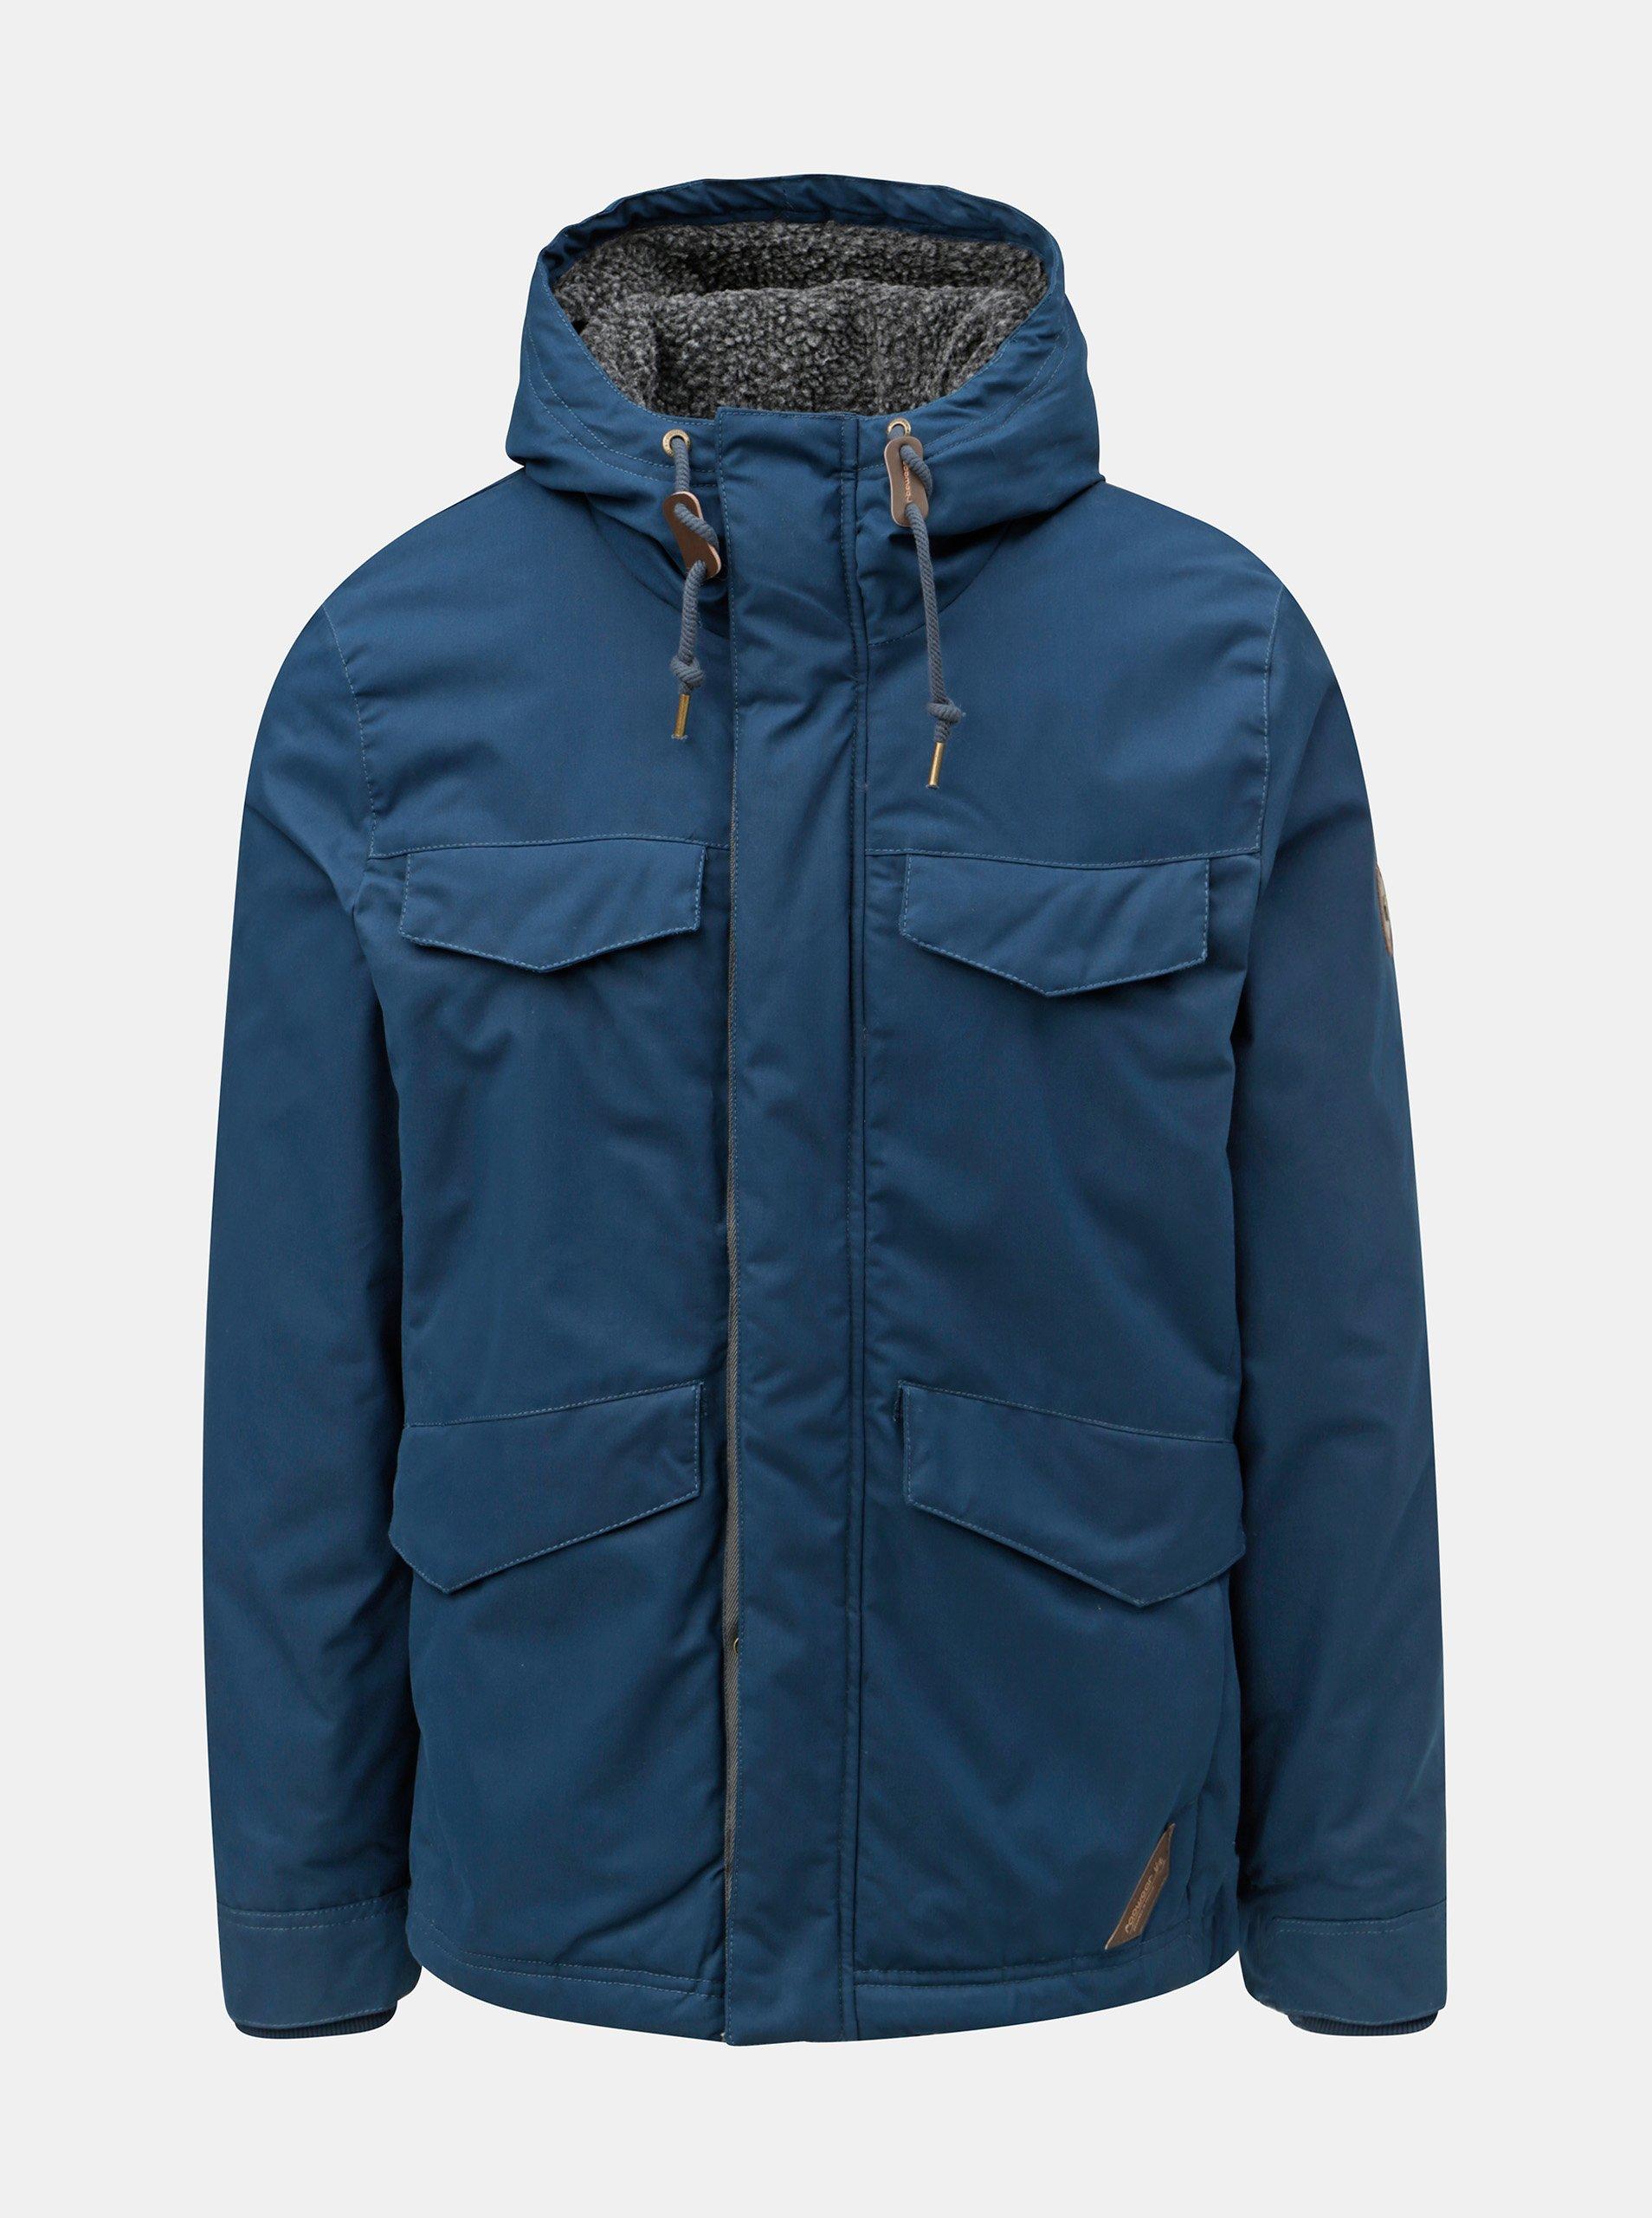 Tmavě modrá pánská zimní bunda s kapucí Ragwear